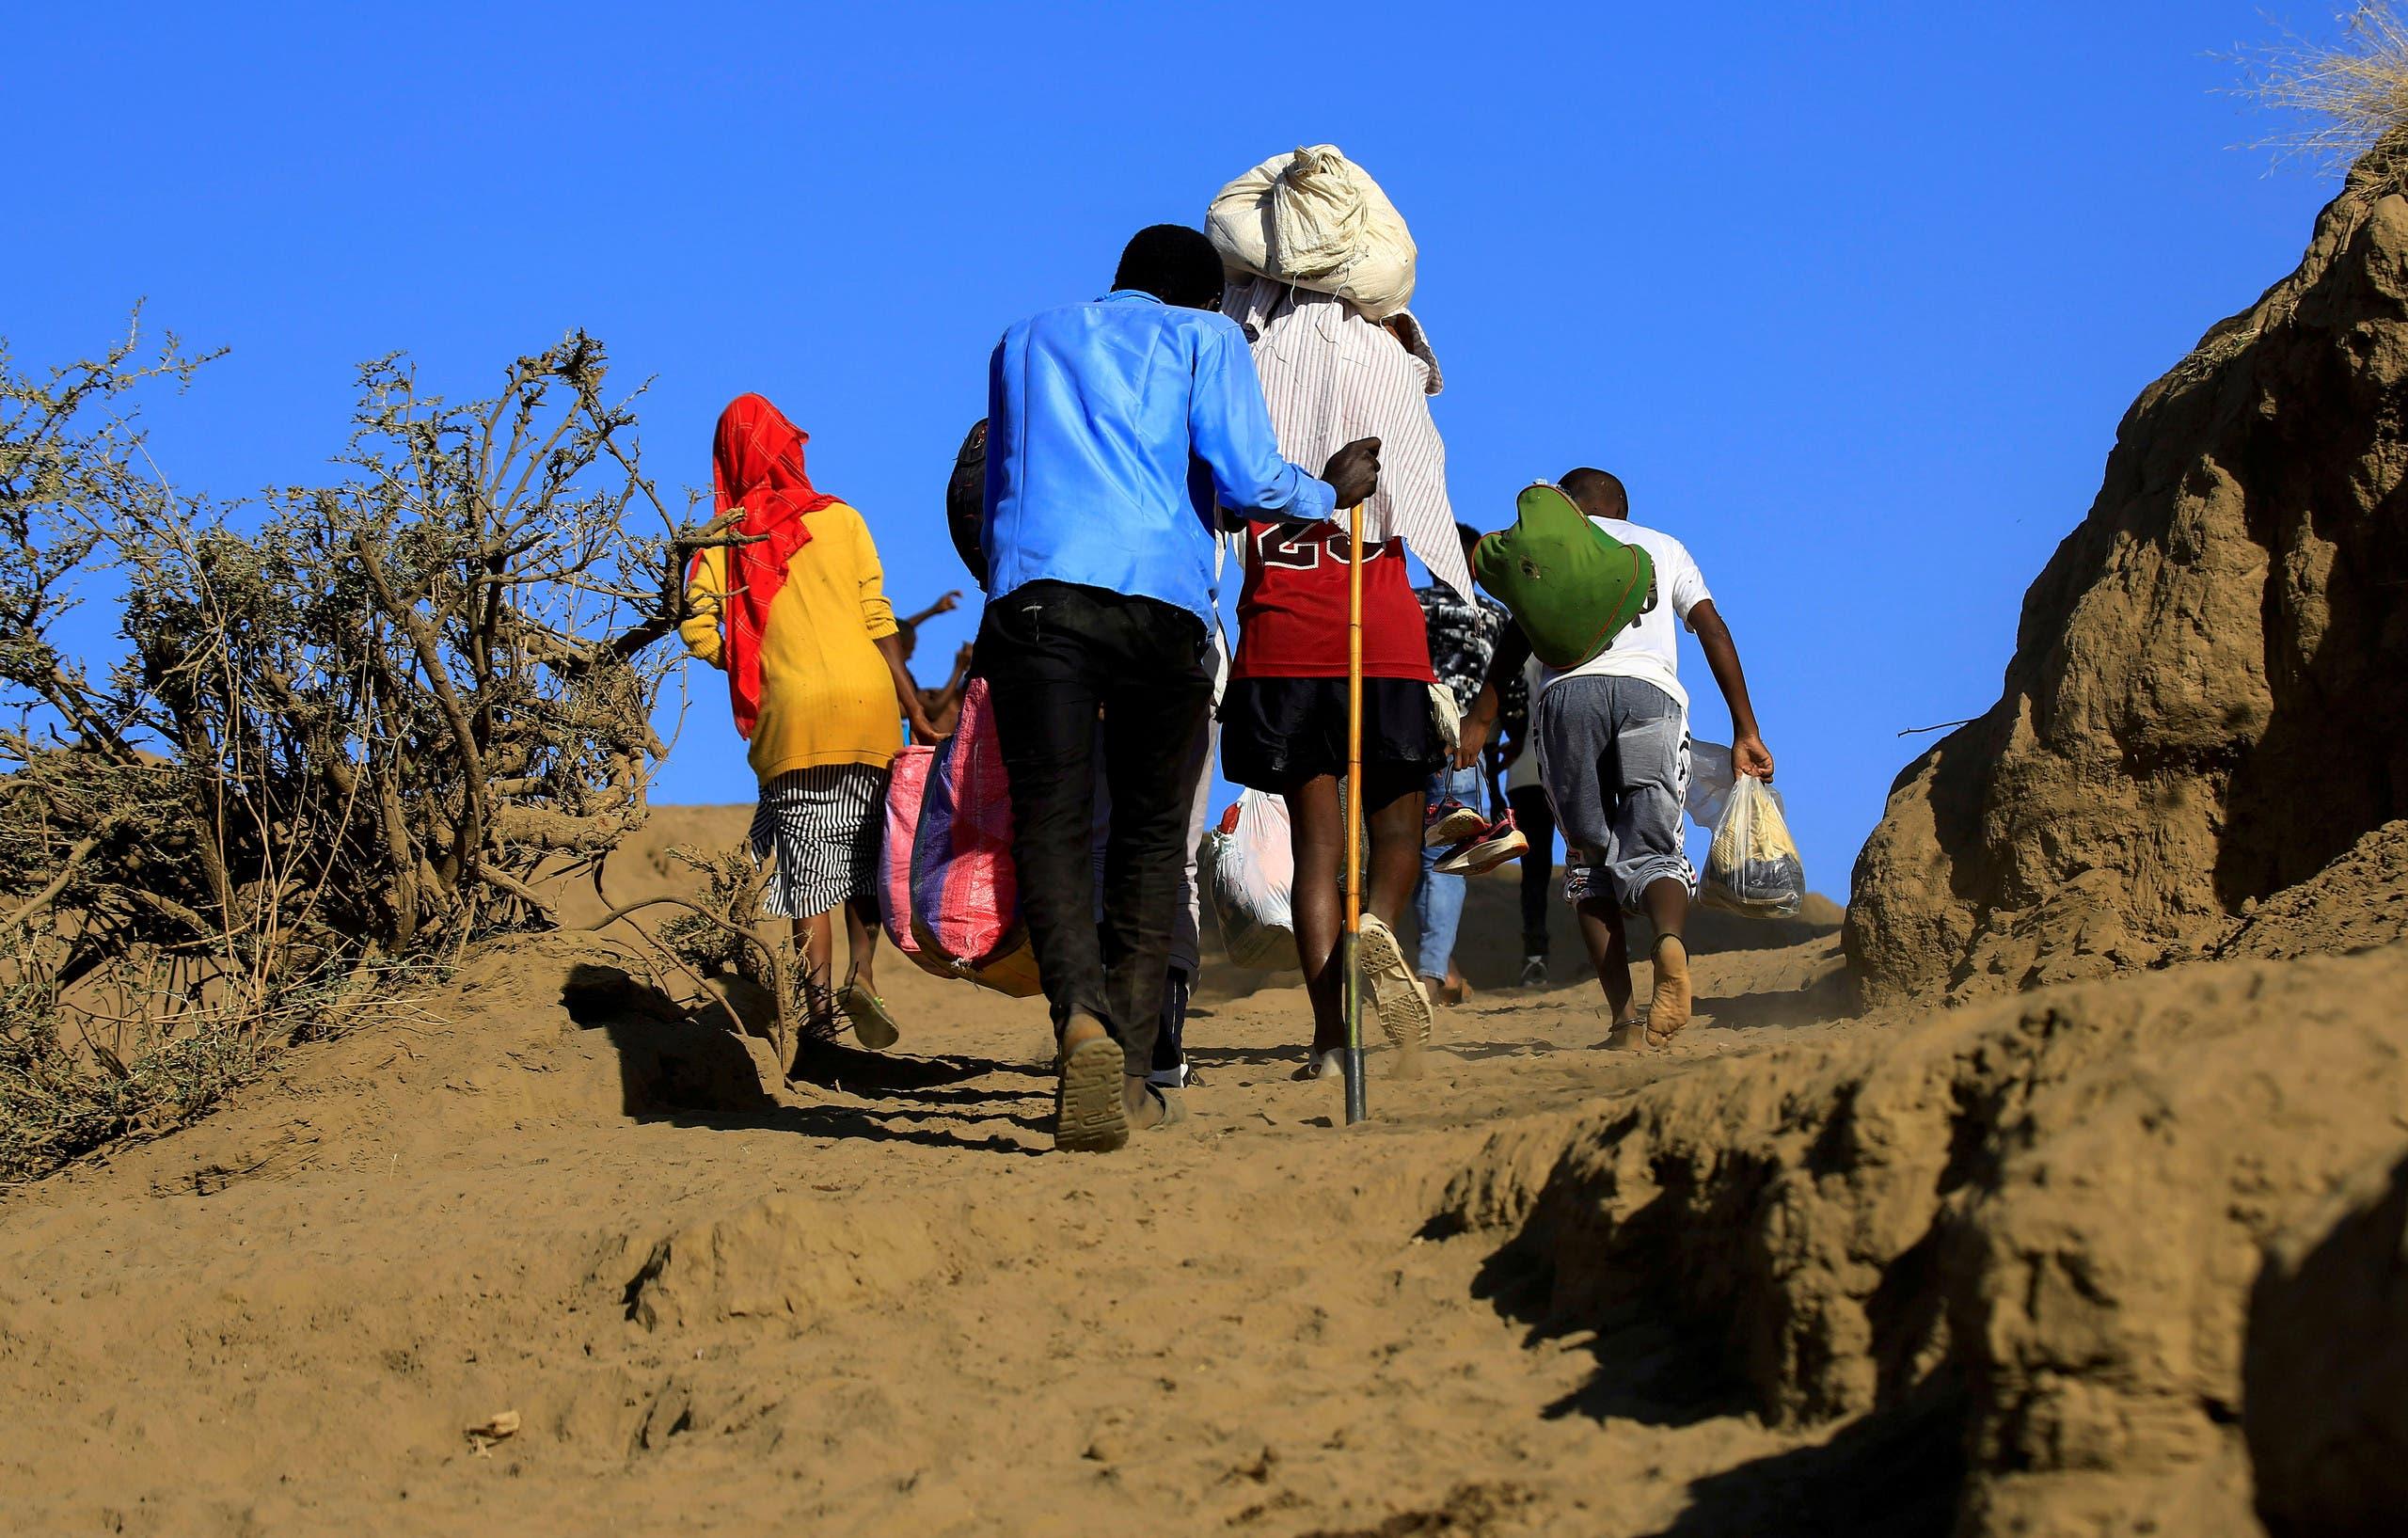 لاجئون من إقليم تيغراي الإثيوبي يهربون إلى السودان (أرشيفية)